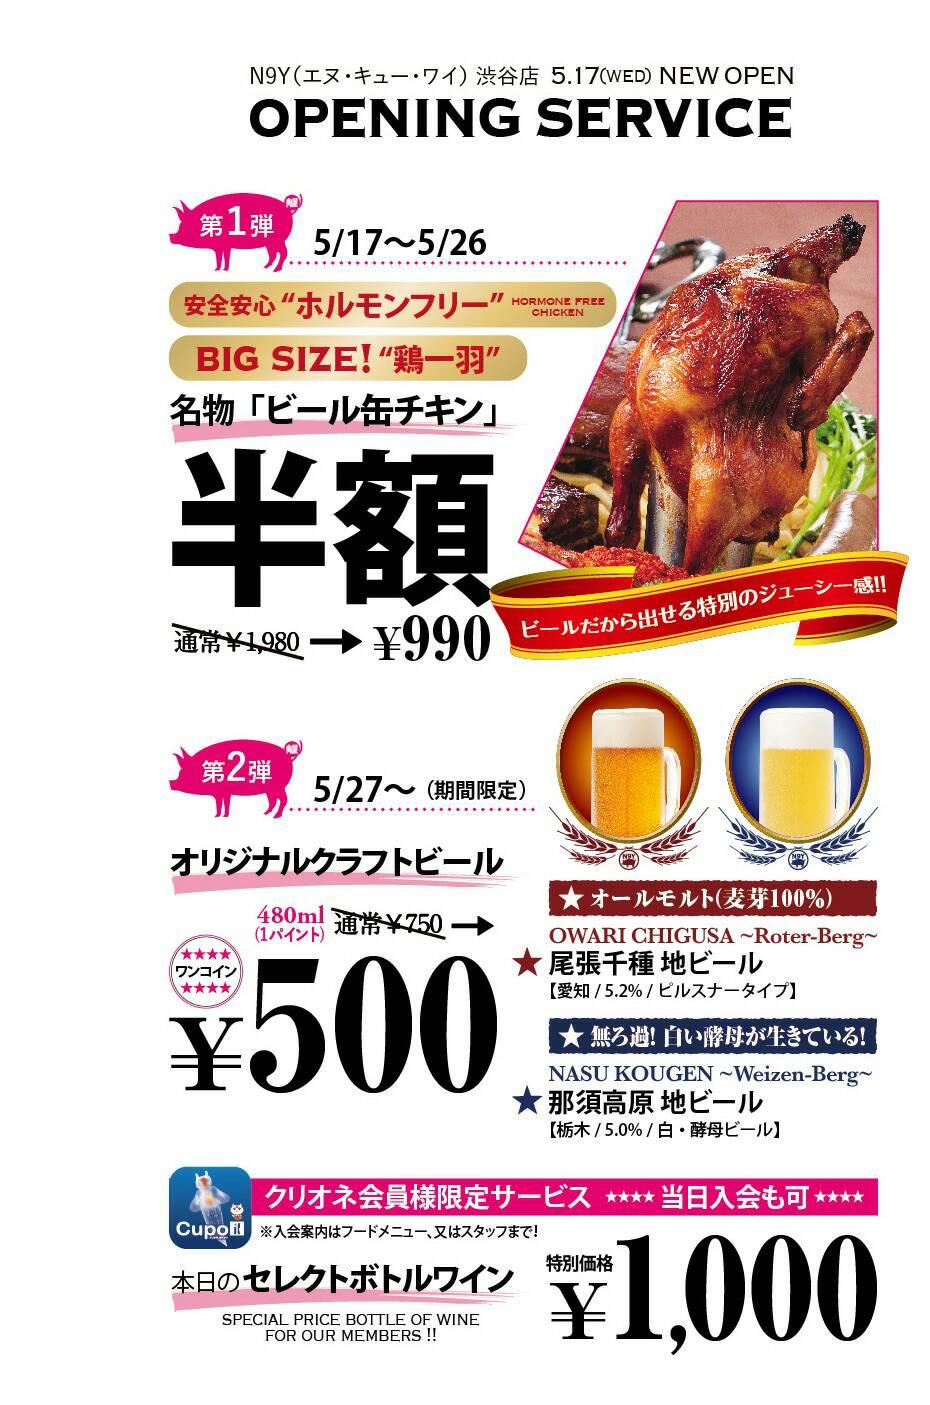 N9Y渋谷オープン企画